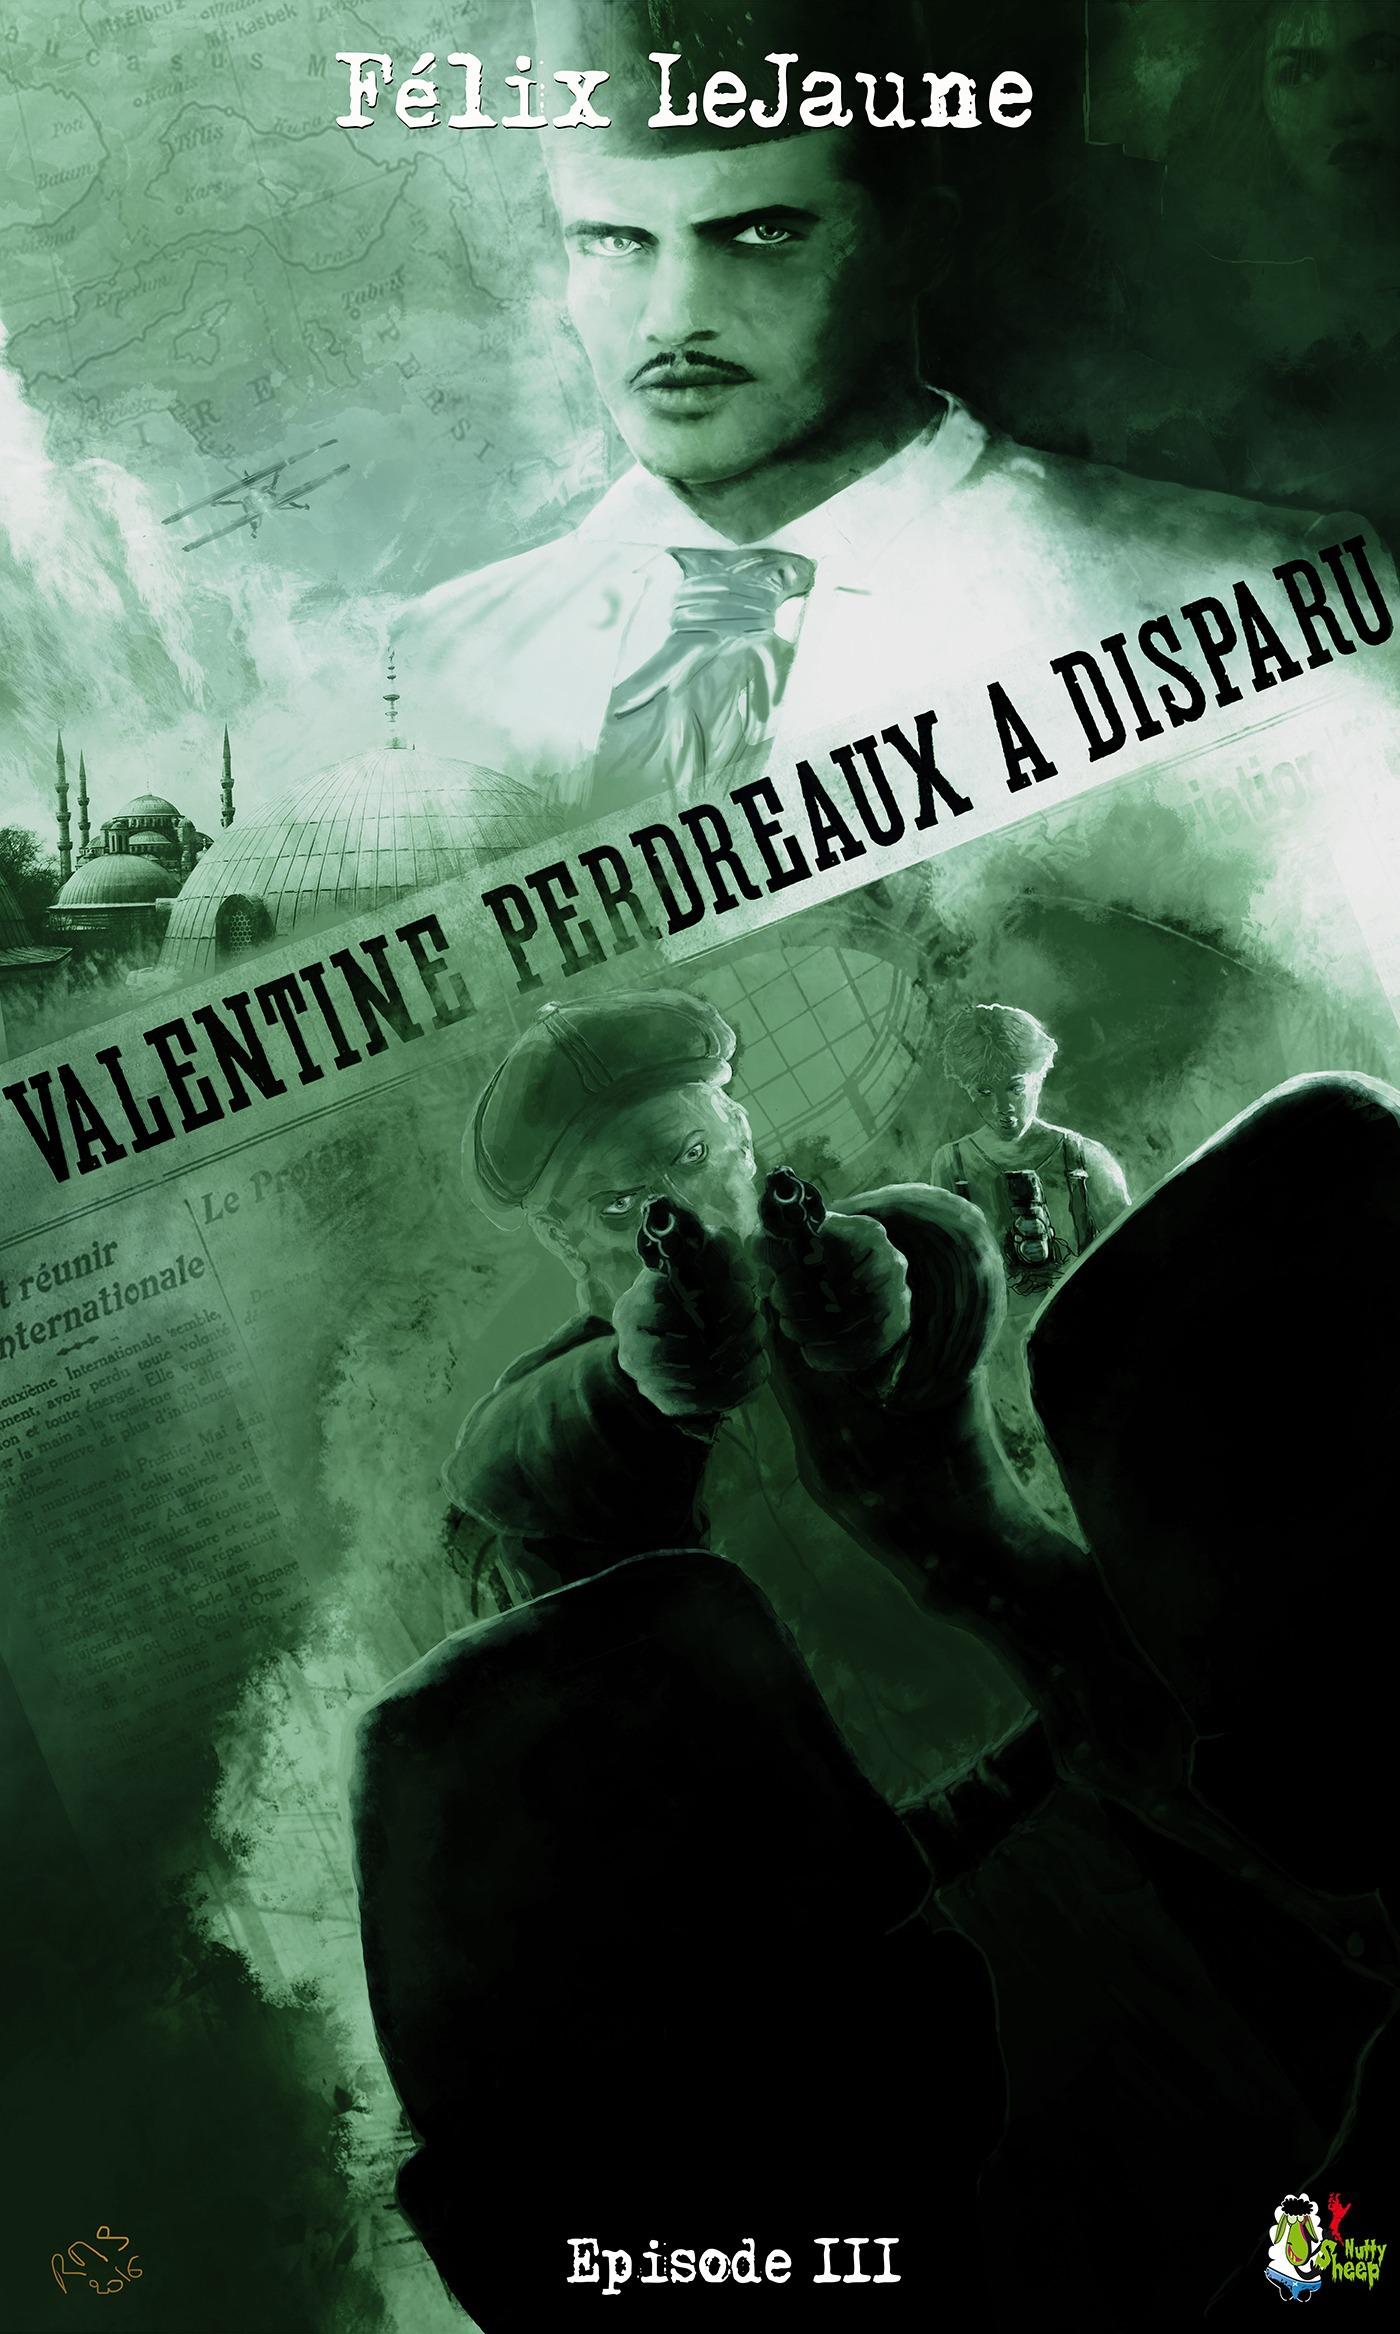 Valentine Perdreaux a disparu, Épisode 3